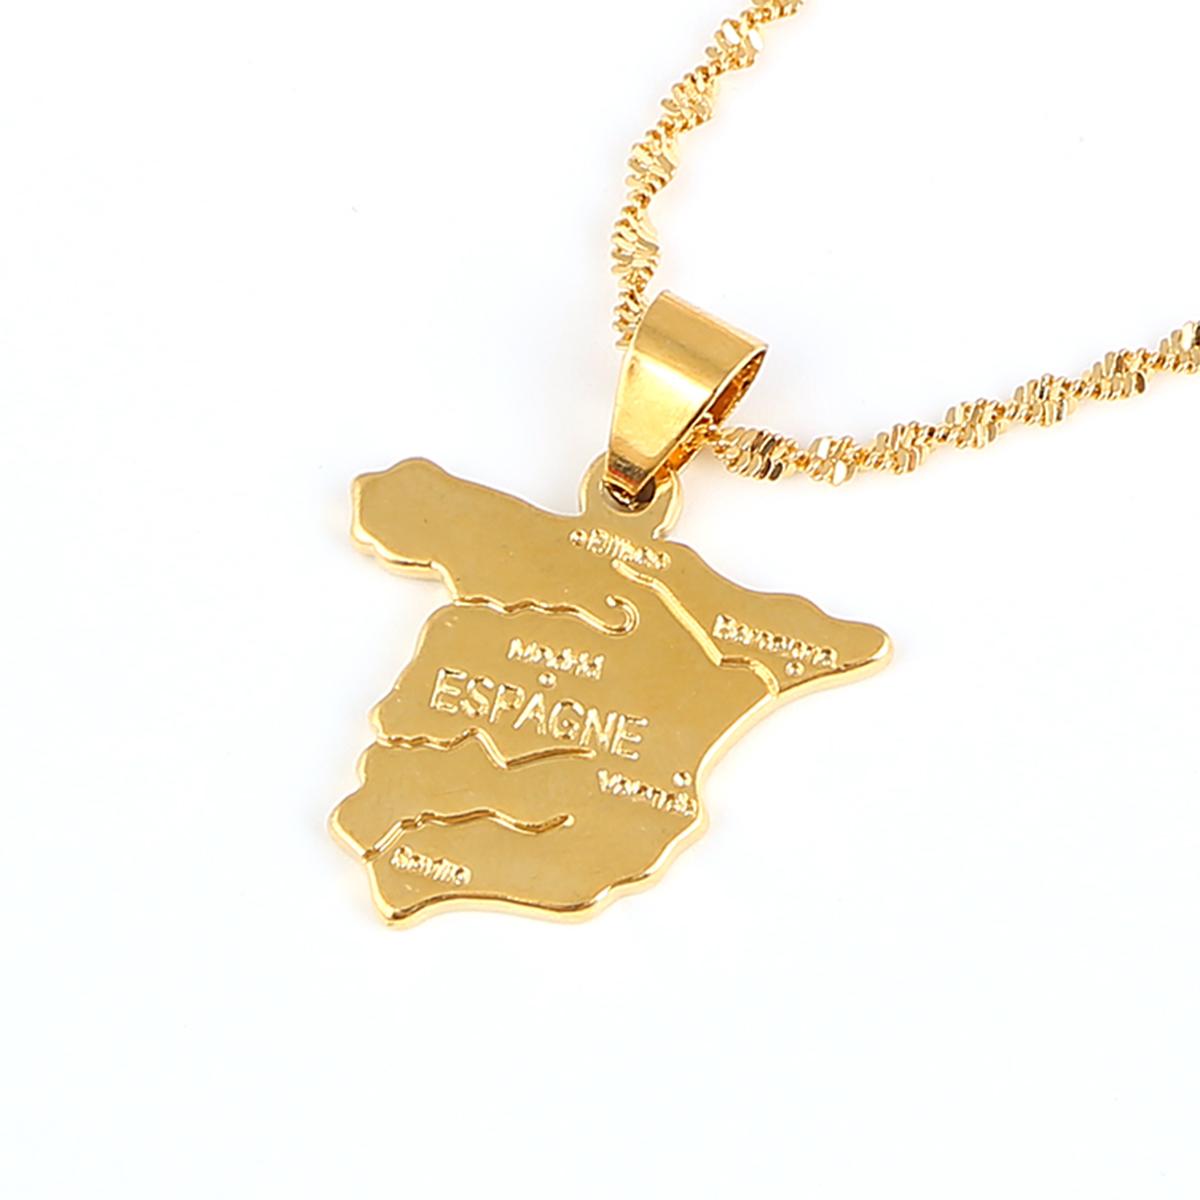 Chapado en Oro 18k Jamaica Mapa Colgante Cadena Collar Hip Hop de África //// vendedor del Reino Unido